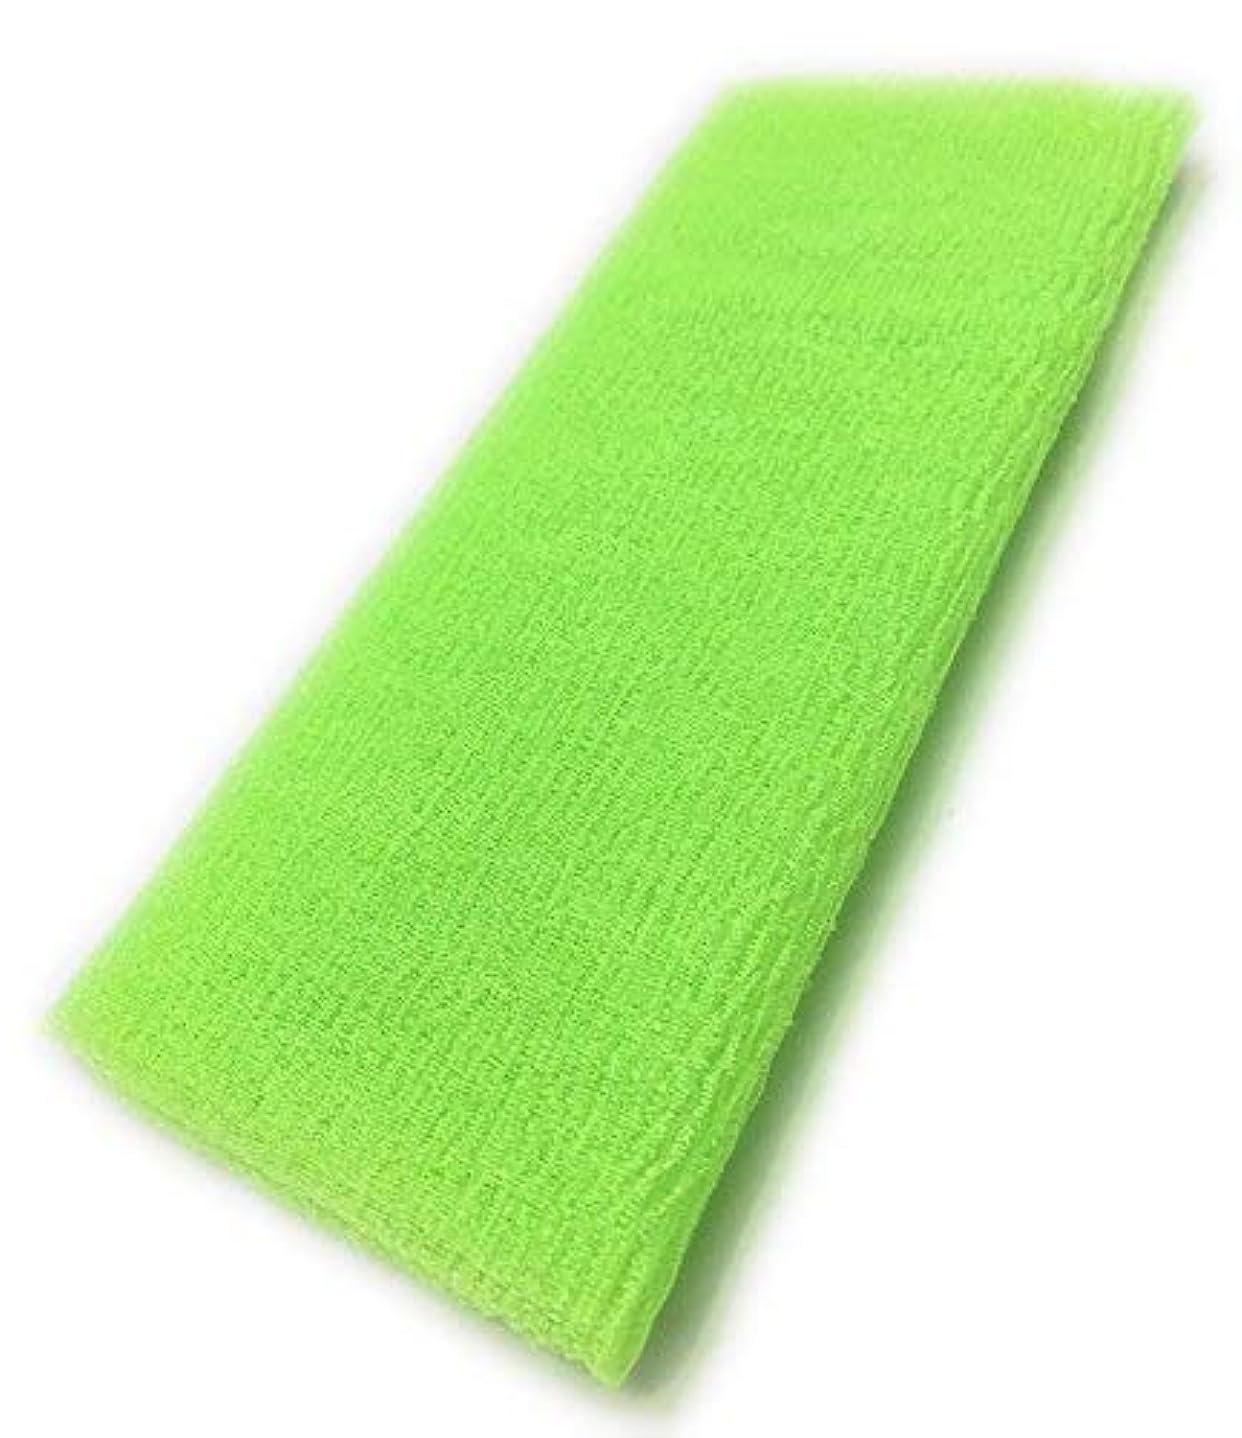 希少性委任認可Maltose あかすりタオル ボディタオル ロングボディブラシ やわらか 濃密泡 背中 お風呂用 メンズ 4色 (グリーン)